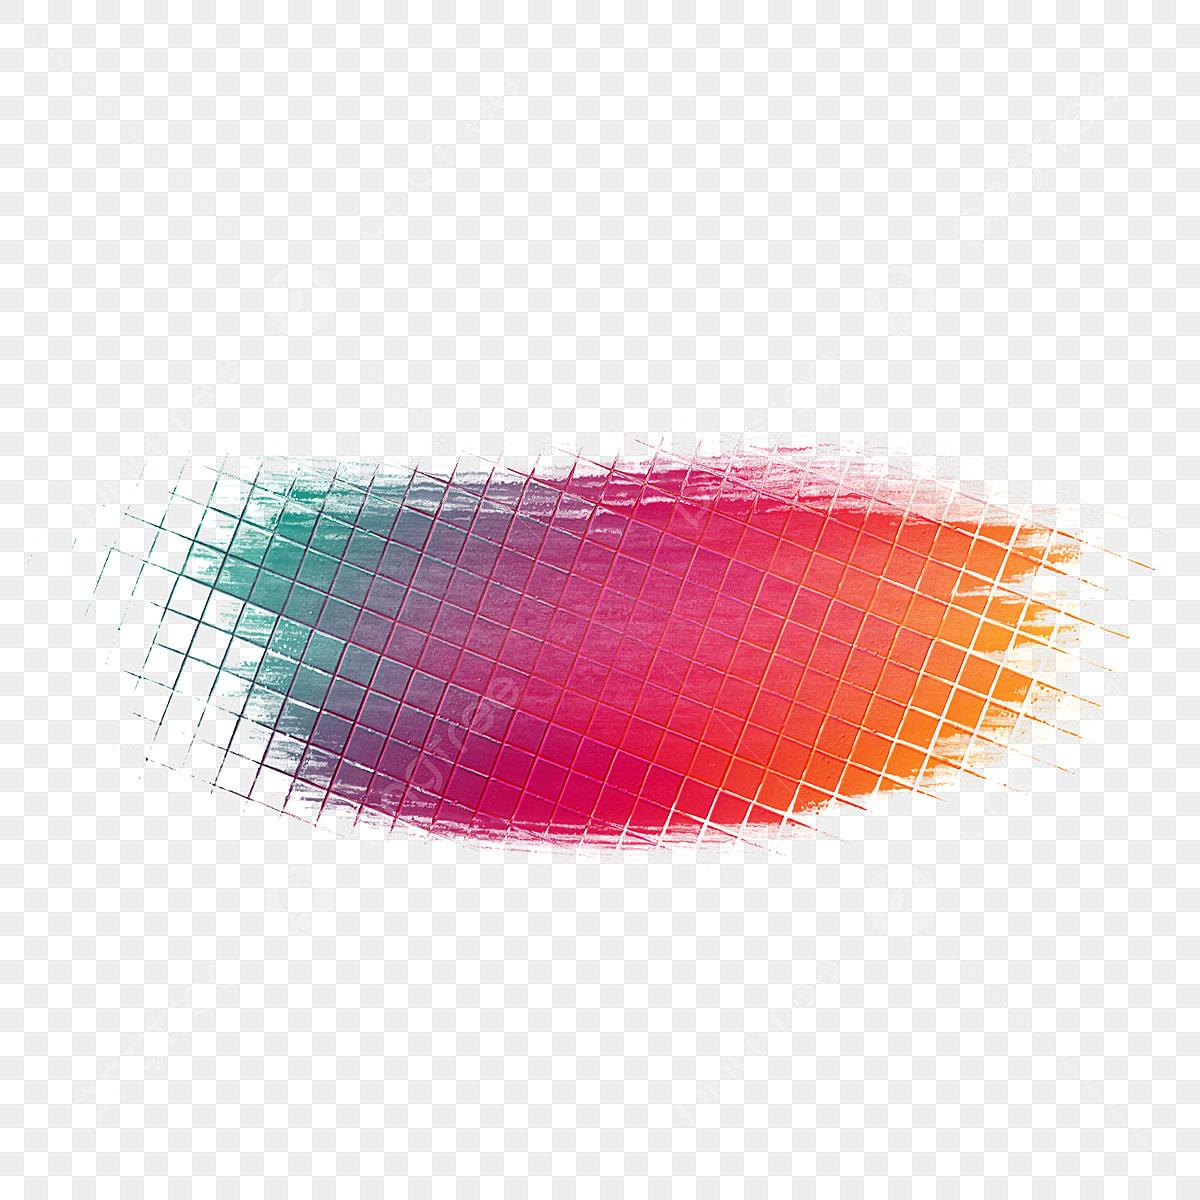 همسة فرضية تناقض خلفيات ملونة سادة للتصميم فرشاة Cazeres Arthurimmo Com